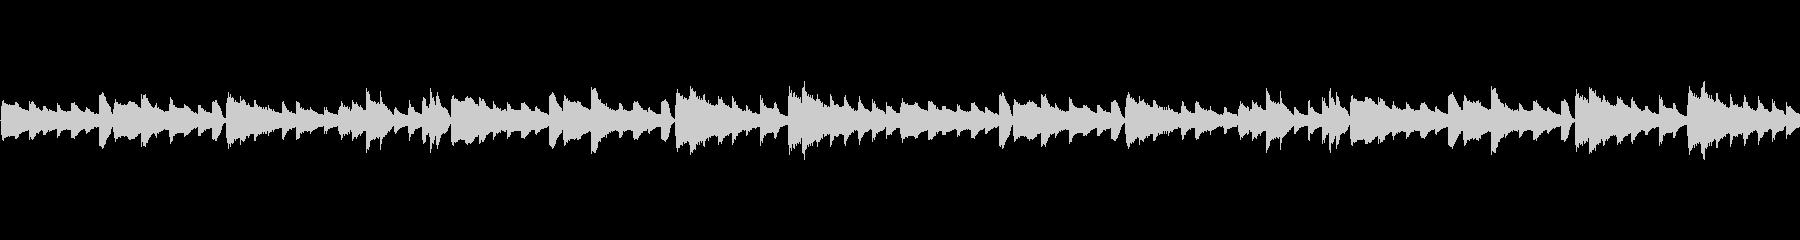 ピアノメロループ/ダーク/切ない#4の未再生の波形